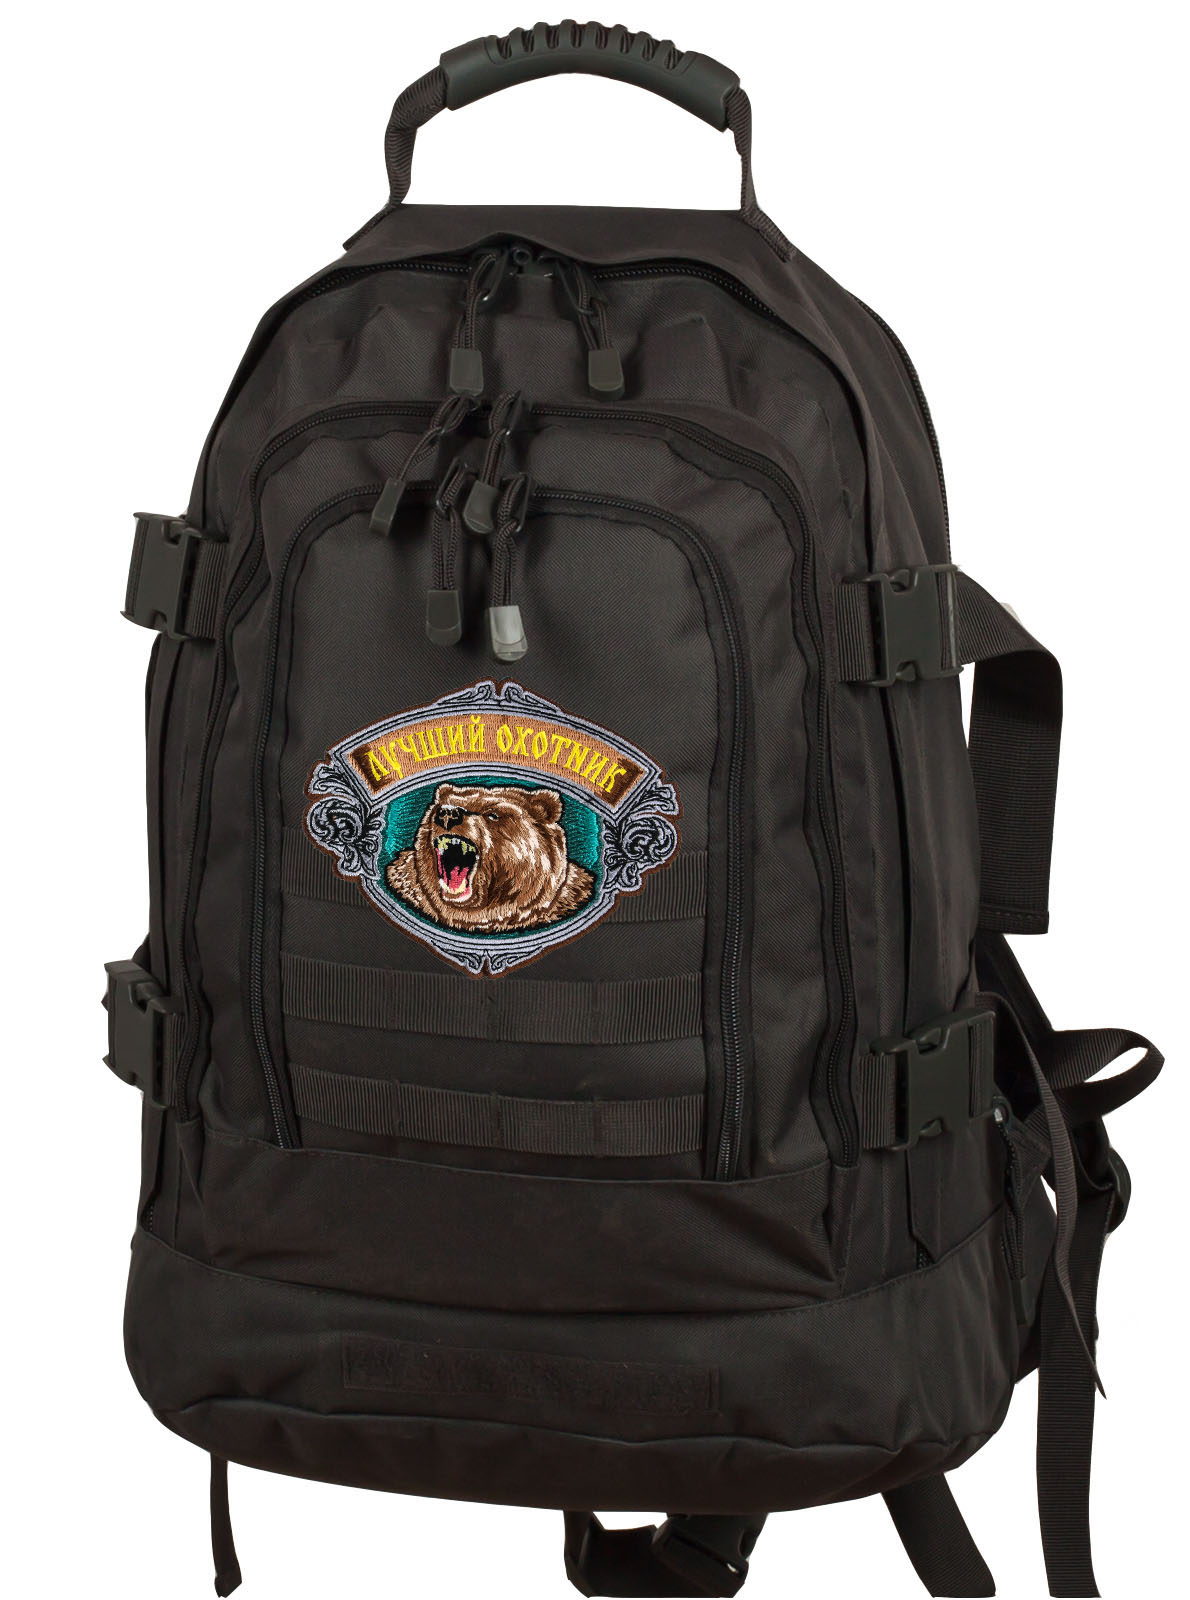 Универсальный практичный рюкзак с нашивкой Лучший Охотник- заказать в подарок